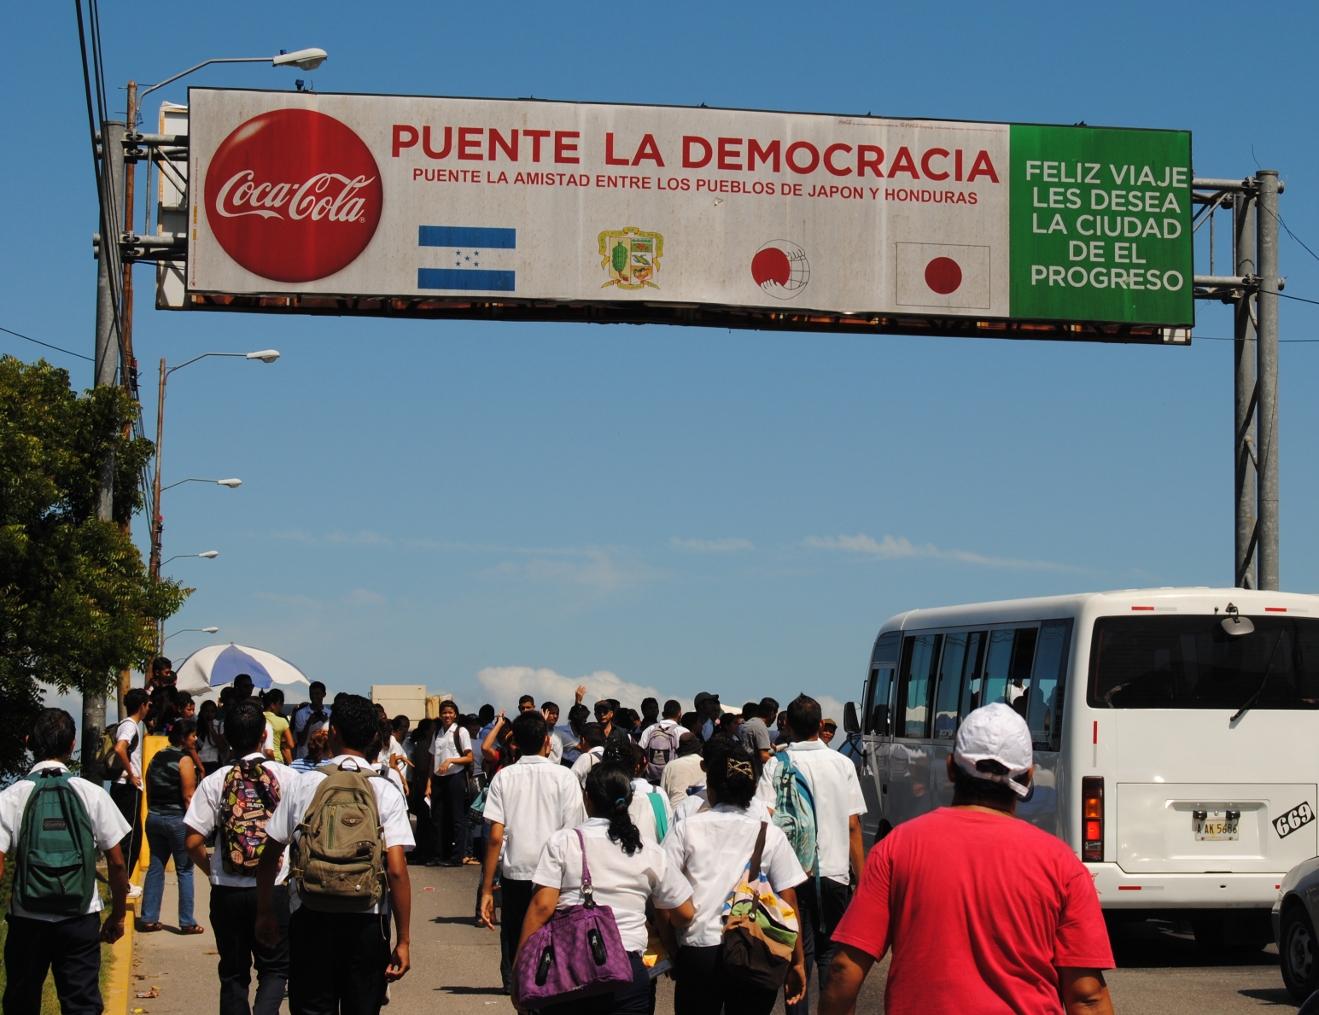 Policías desalojan violentamente toma de estudiantes en El Progreso, agreden a  jóvenes, docentes y periodistas